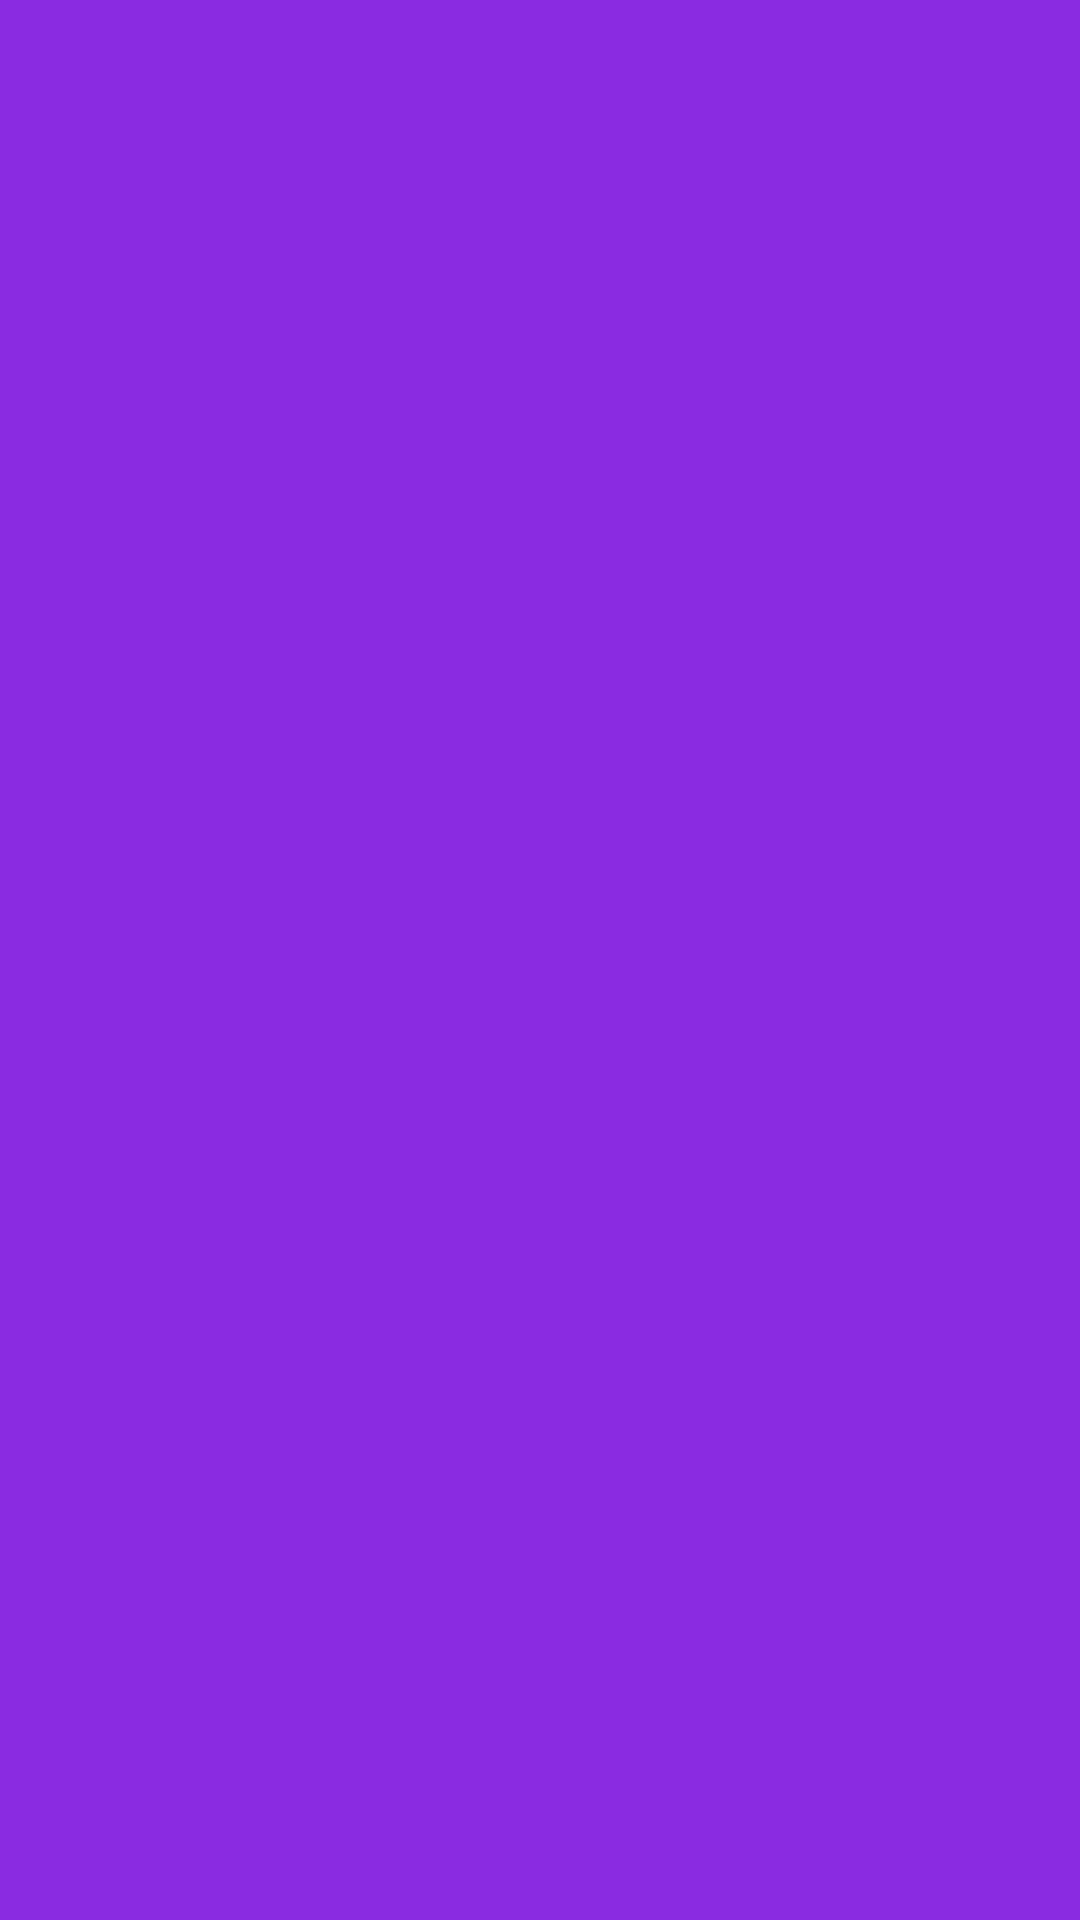 1080x1920 Blue-violet Solid Color Background